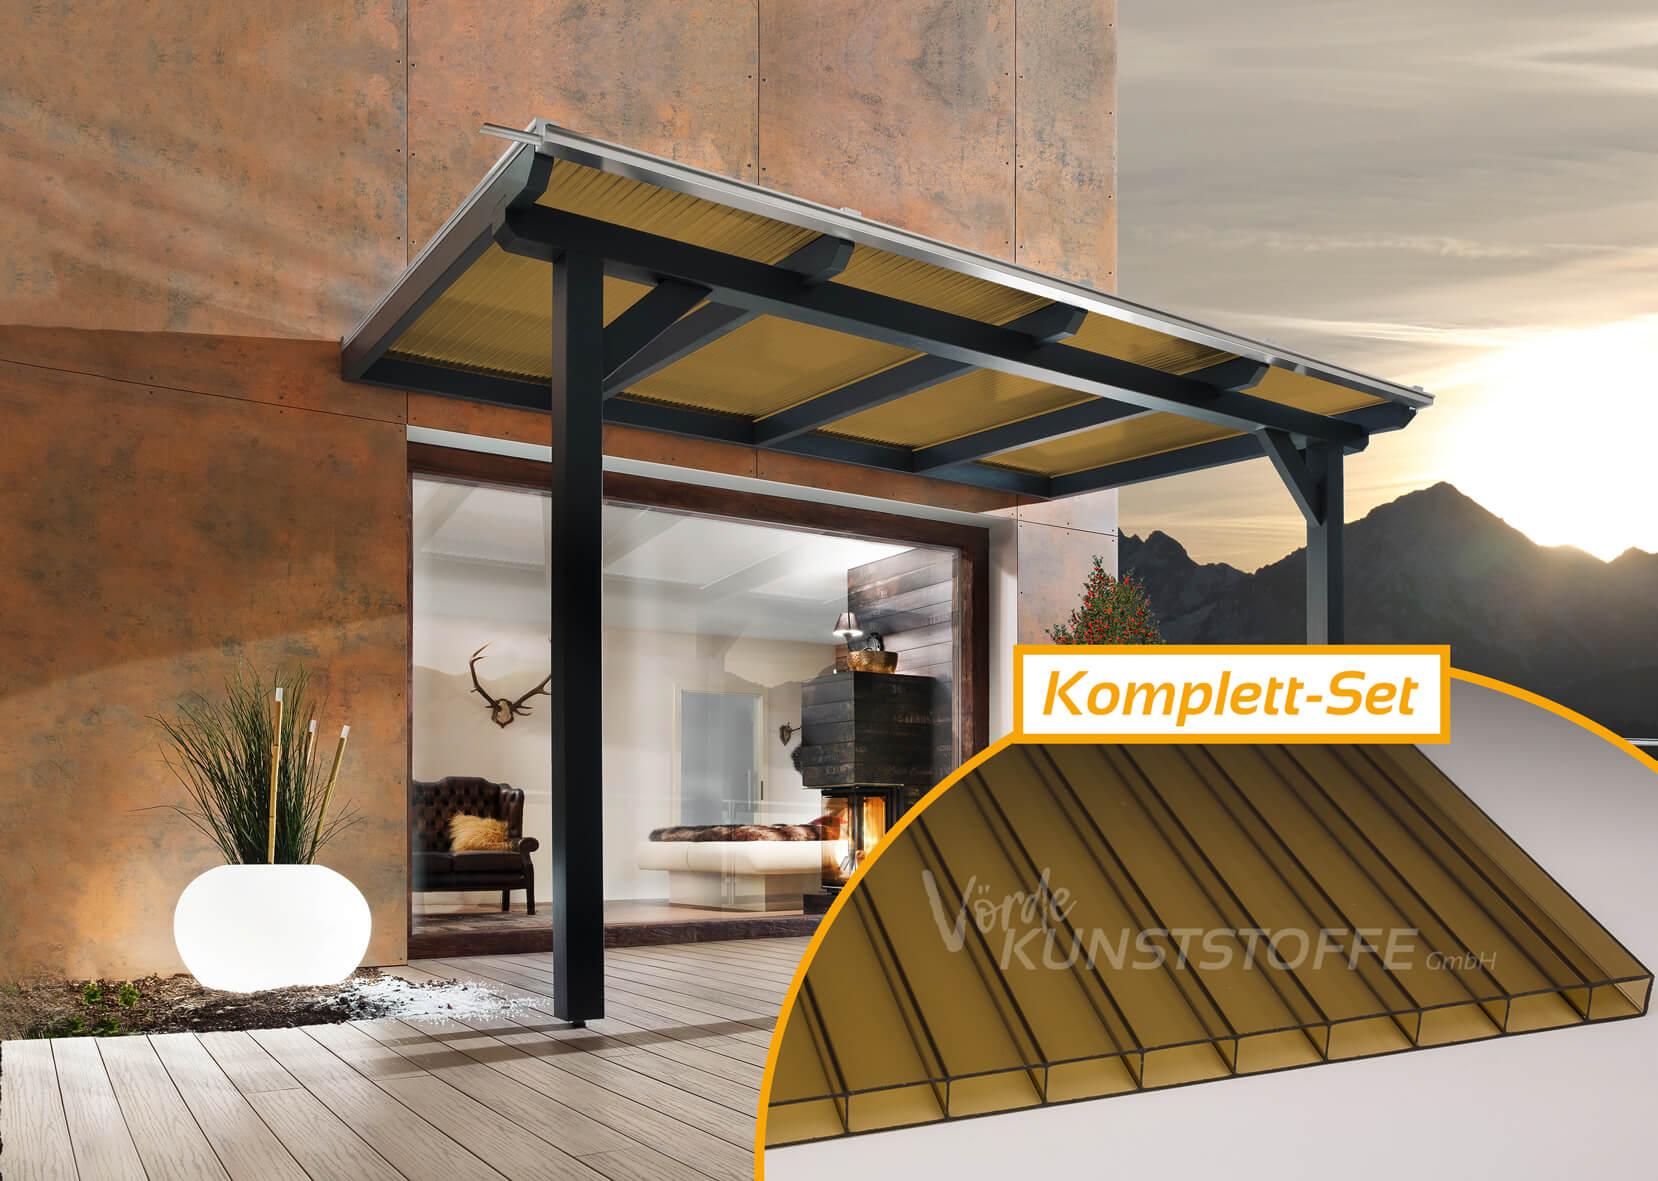 stegplatten richtig zuschneiden so wird 39 s gemacht. Black Bedroom Furniture Sets. Home Design Ideas